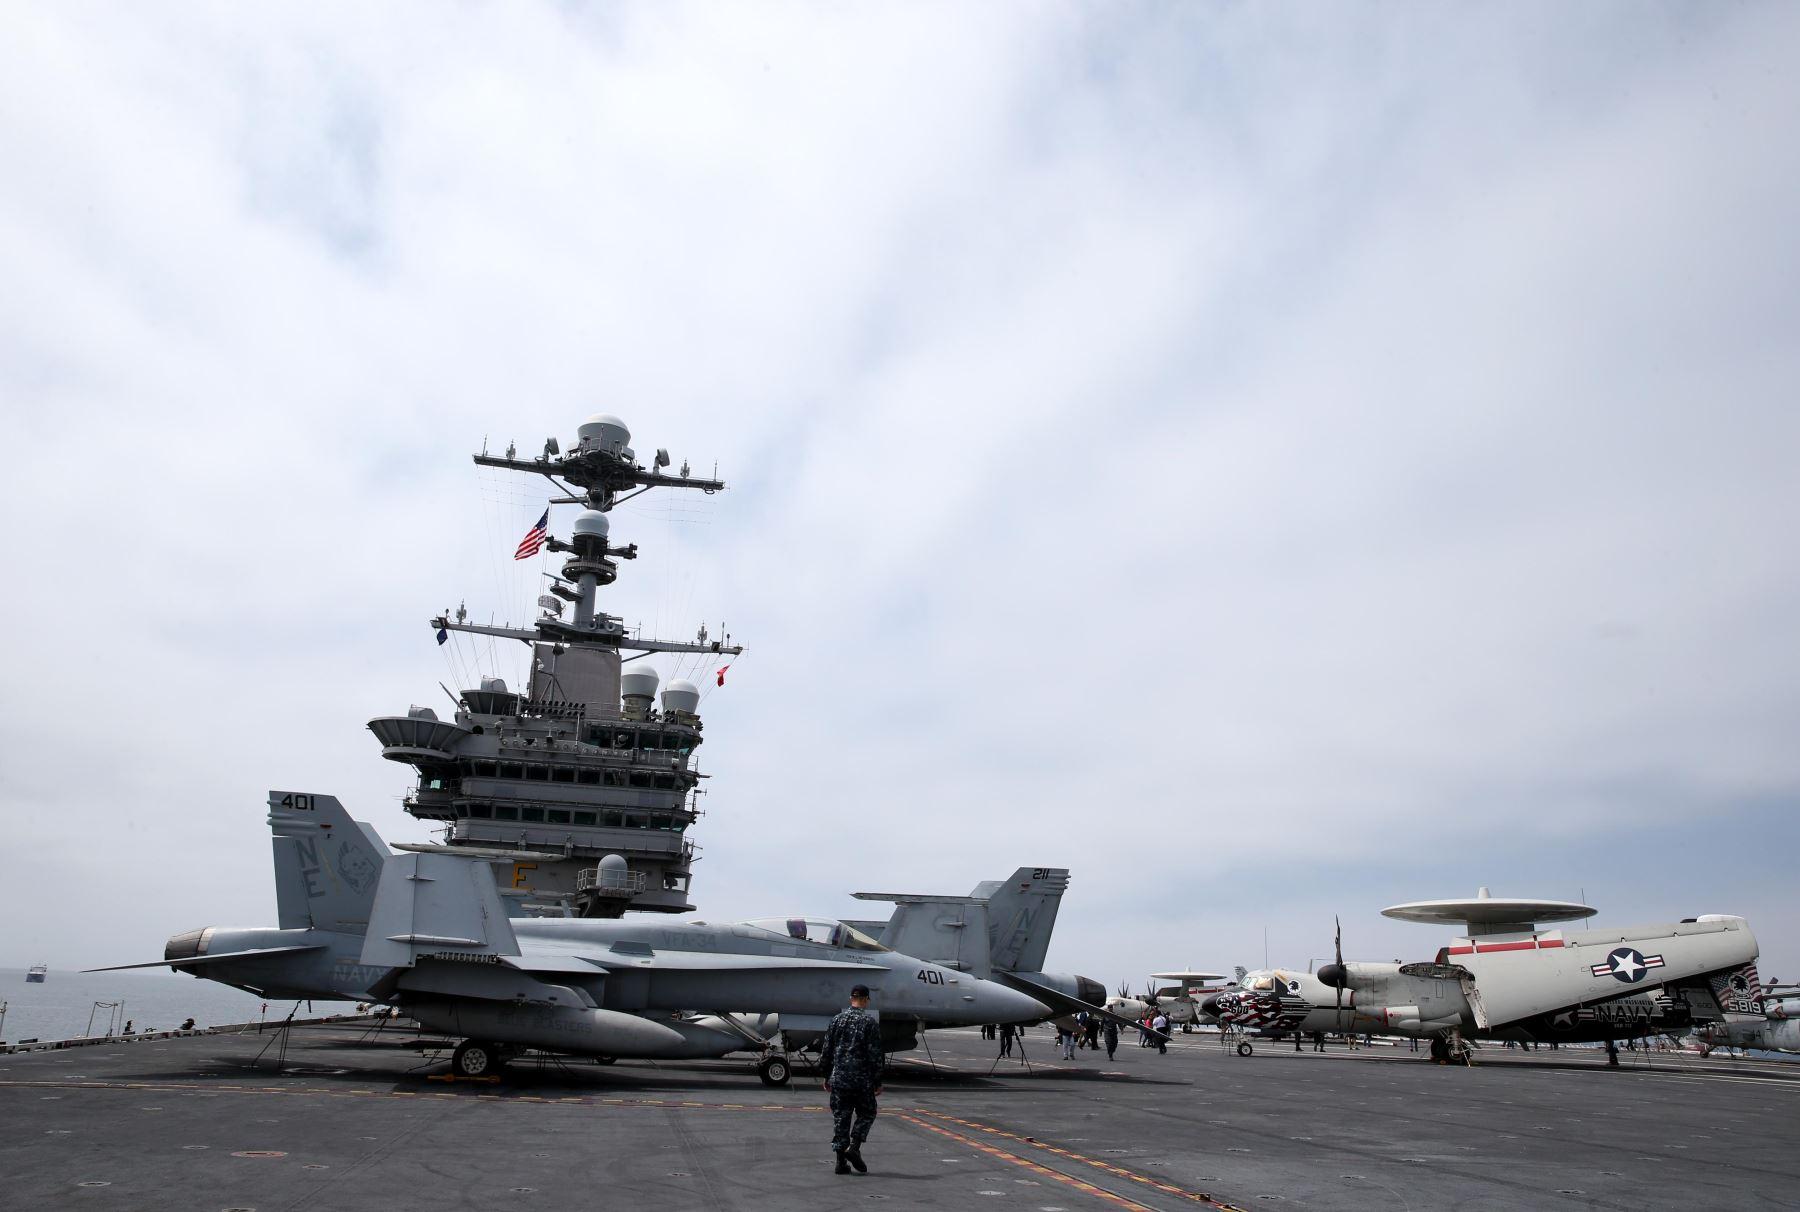 LIMA PERU, OCTUBRE 3.  El portaviones USS George Washington visita el Perú   para realizar ejercicios conjuntos e intercambios con la Armada Peruana, como parte  de la gira Mares del Sur 2015 que la Marina de los Estados Unidos realiza Foto: ANDINA/Melina Mejía